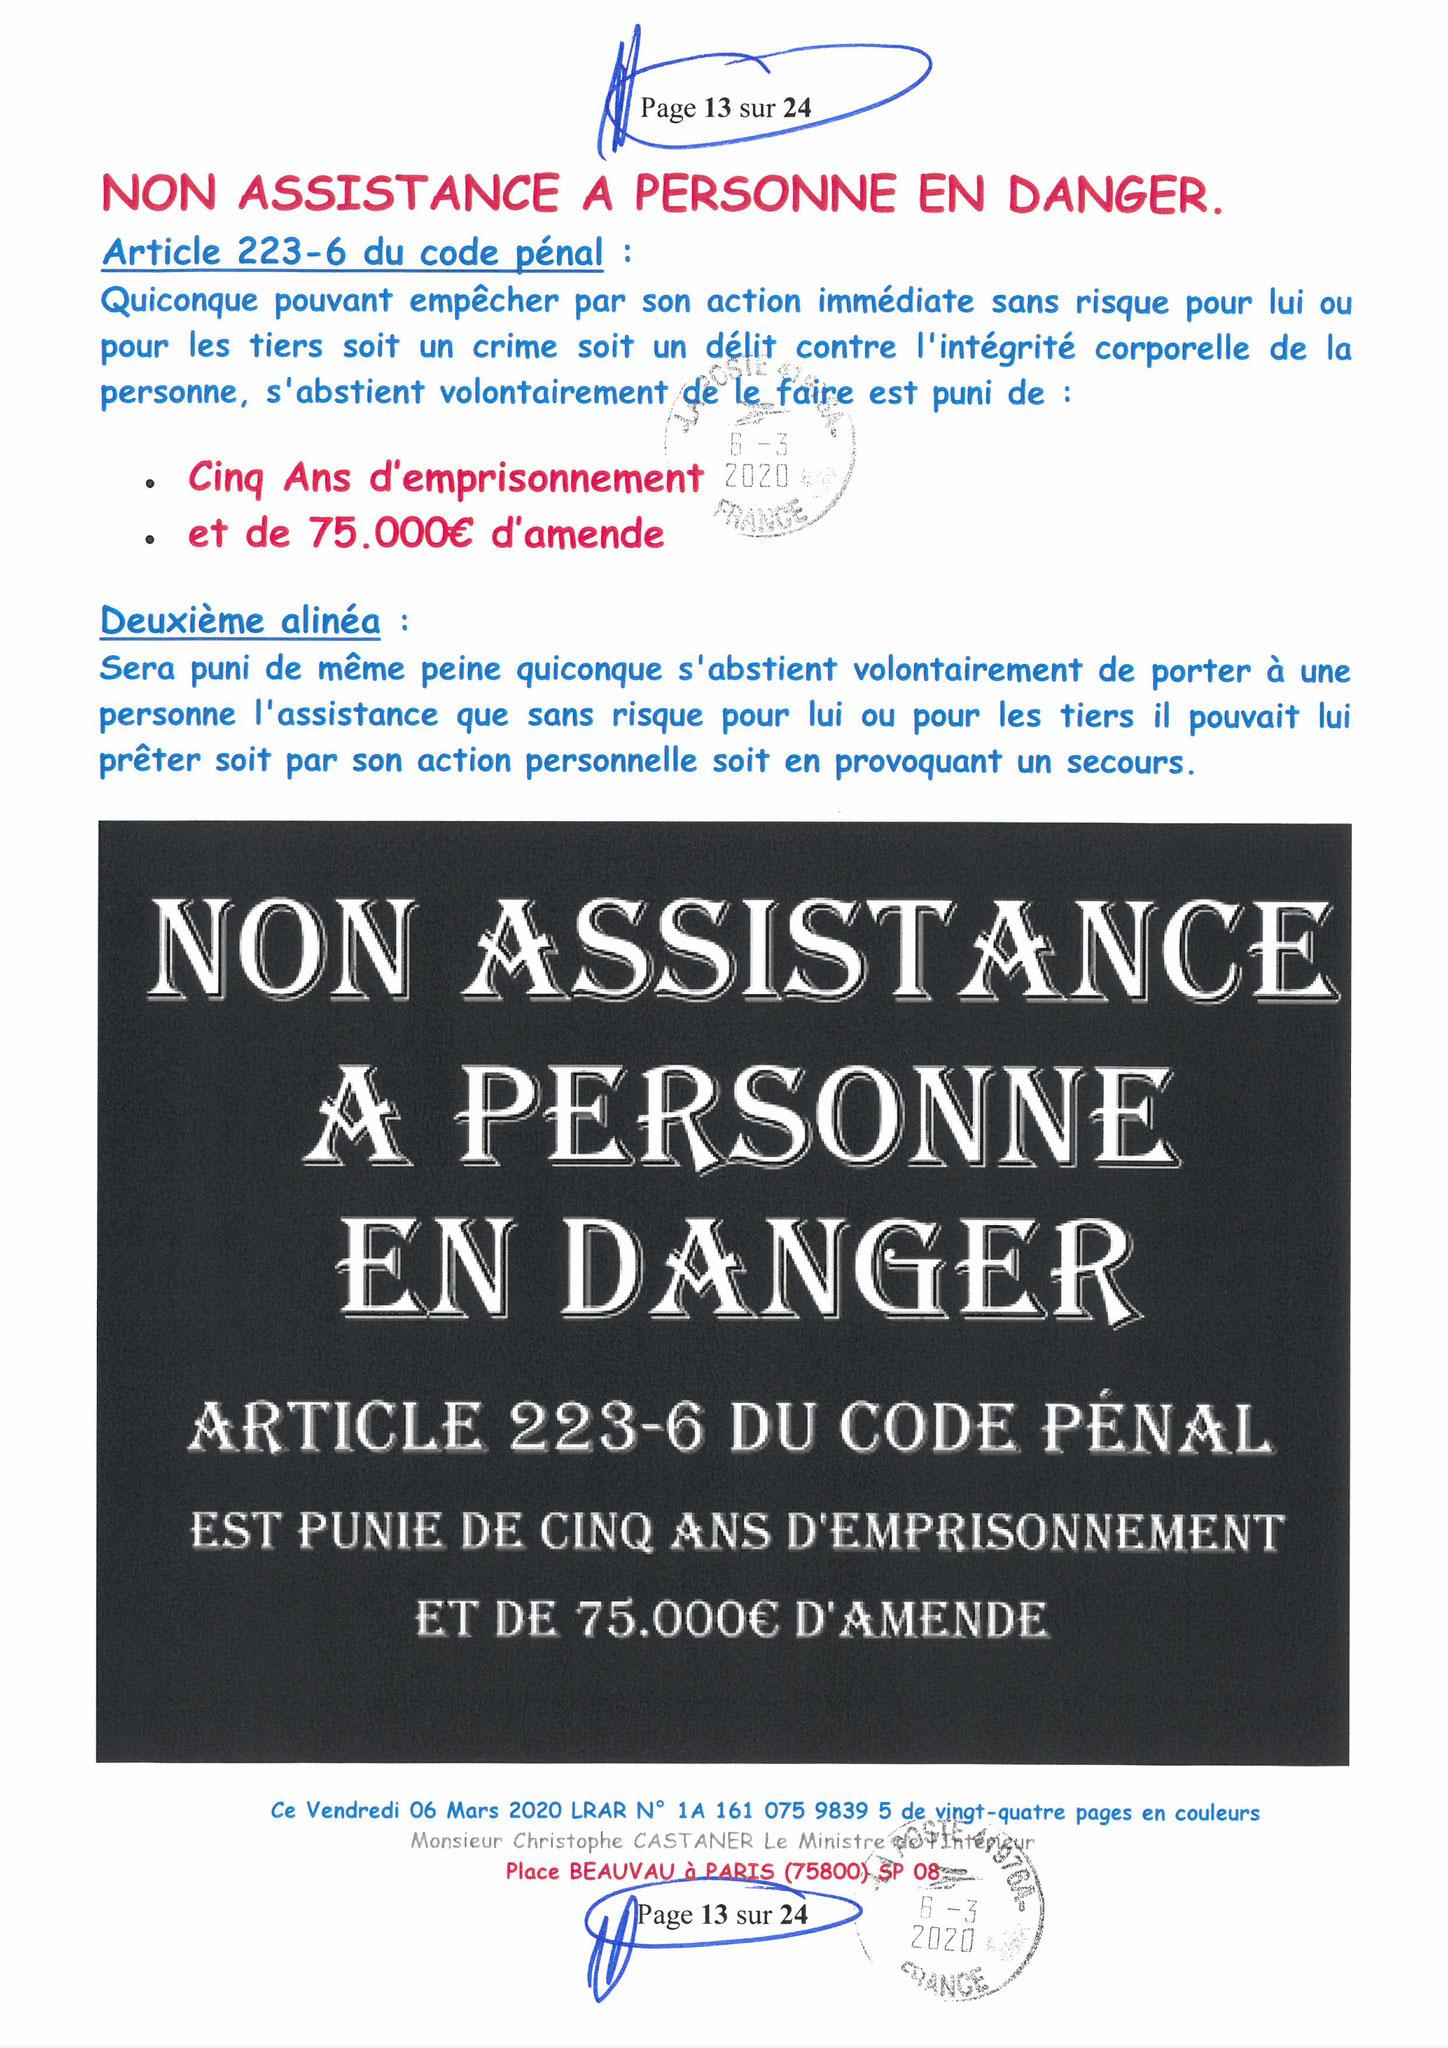 Ma LRAR à Monsieur le Ministre de l'Intérieur Christophe CASTANER N°1A 161 075 9839 5  Page 13 sur 24 en couleur du 06 Mars 2020  www.jesuispatrick.fr www.jesuisvictime.fr www.alerte-rouge-france.fr